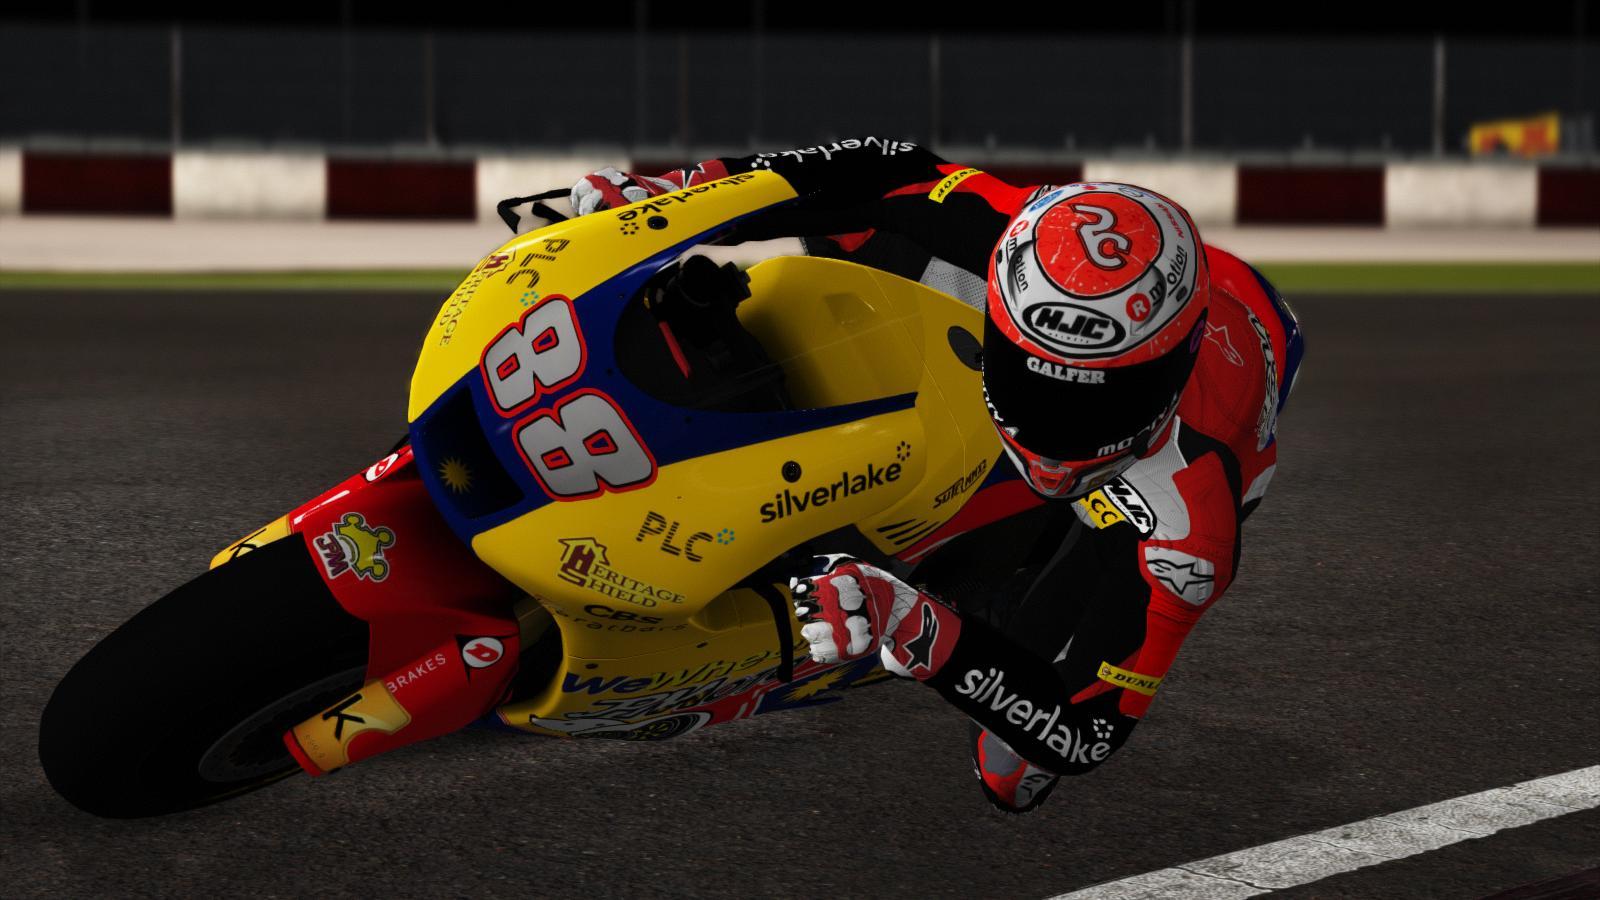 MotoGP15X64 2016-03-08 14-08-41-54.jpg